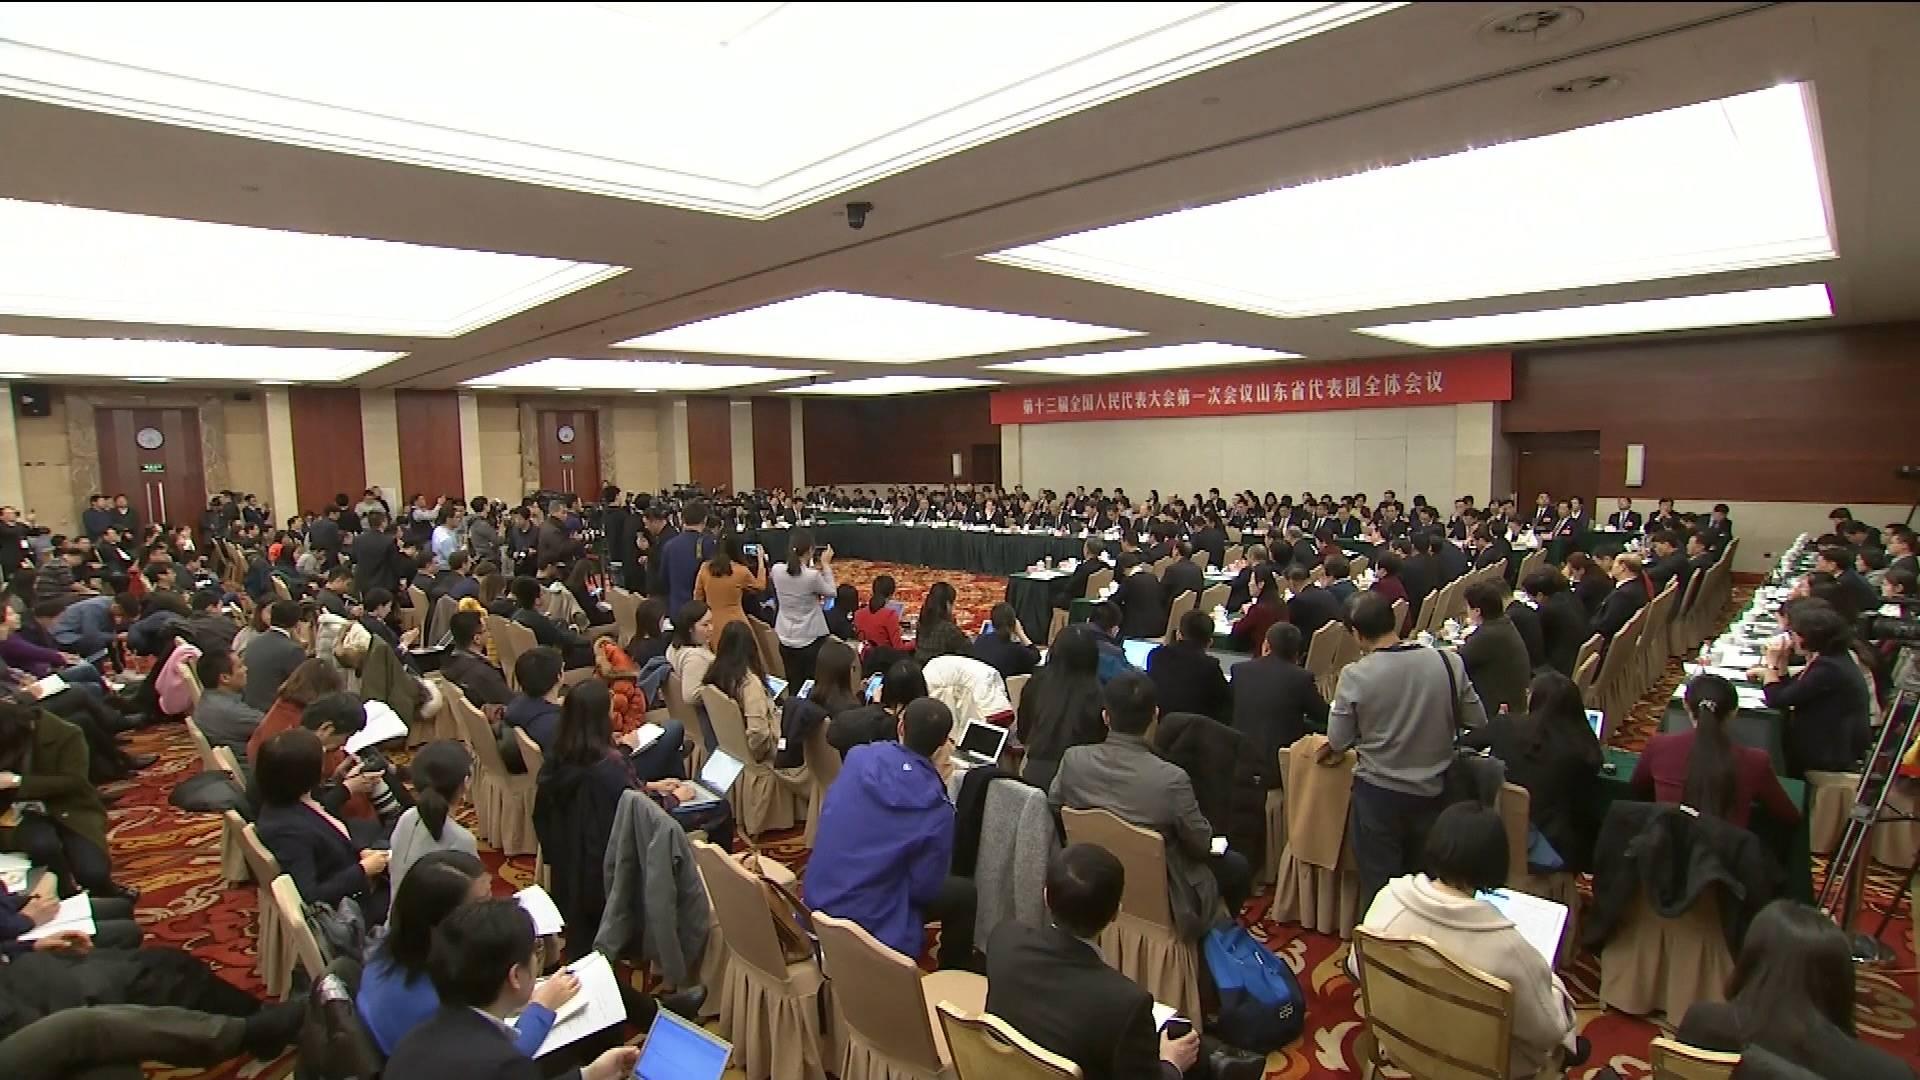 山东团开放日在代表中引起强烈反响:时不我待竞发展 改革开放再出发